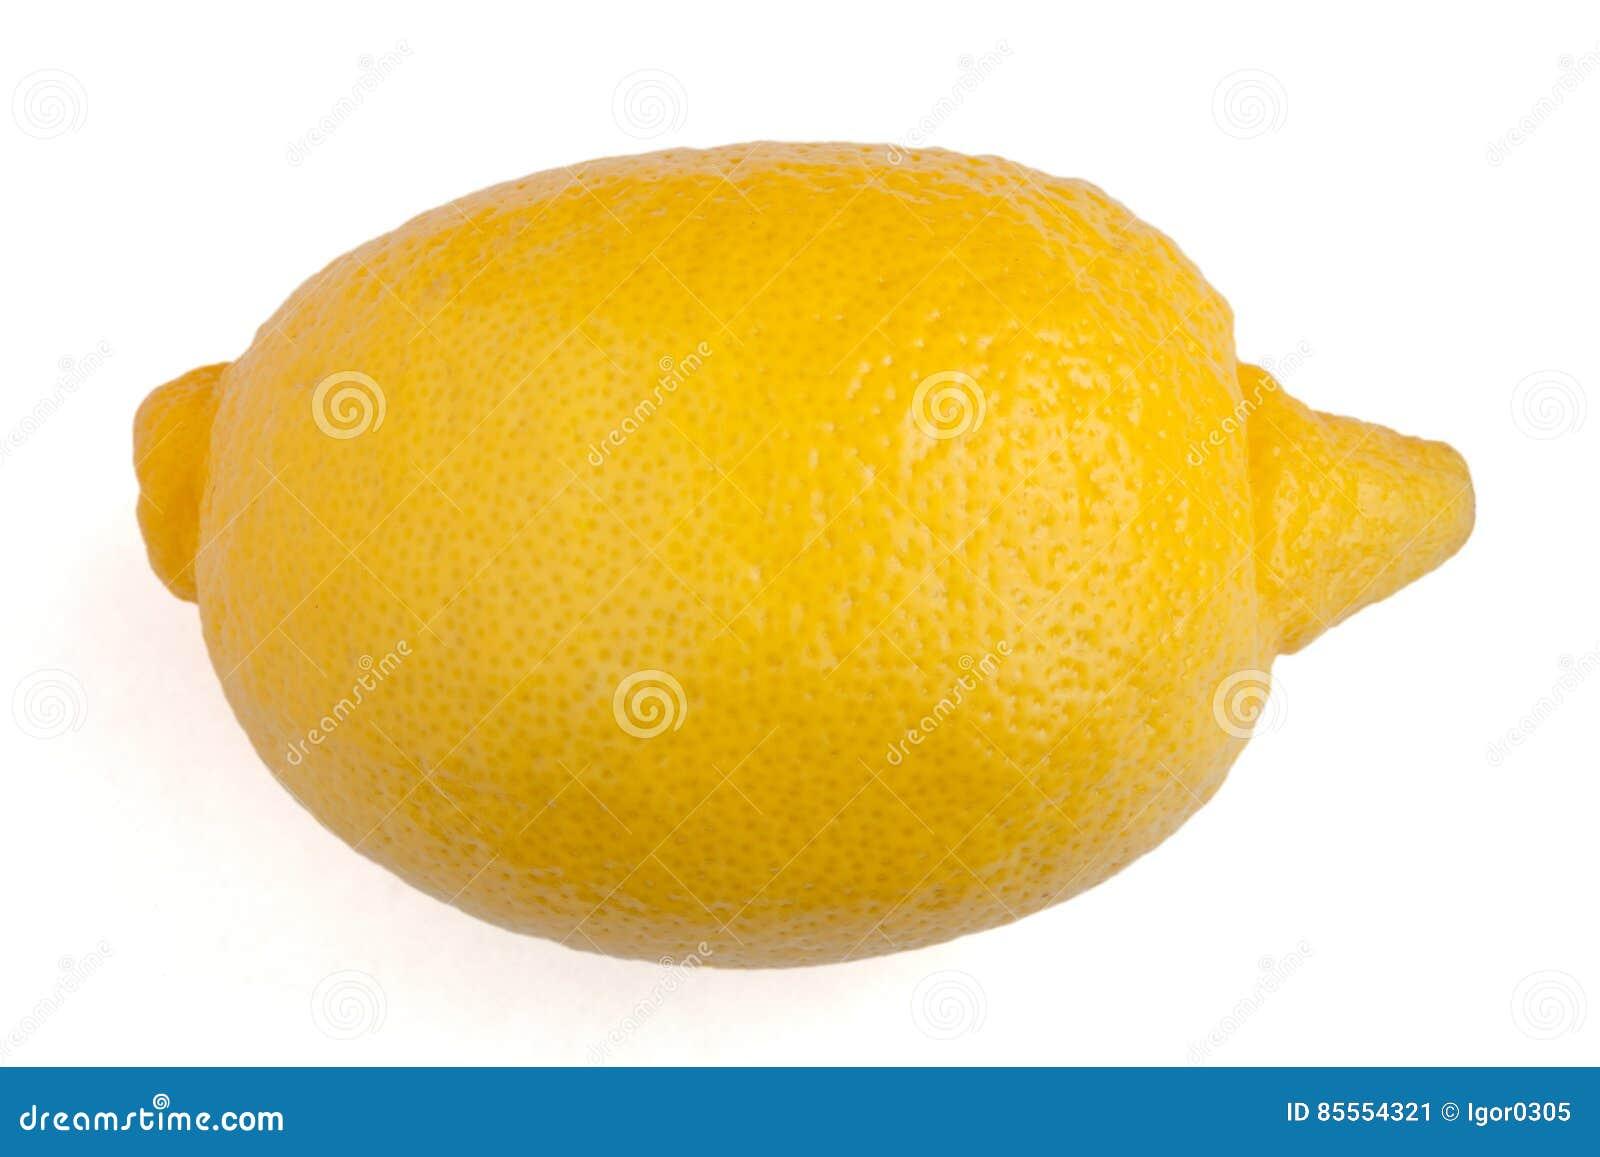 Zitrone auf weißem Hintergrund